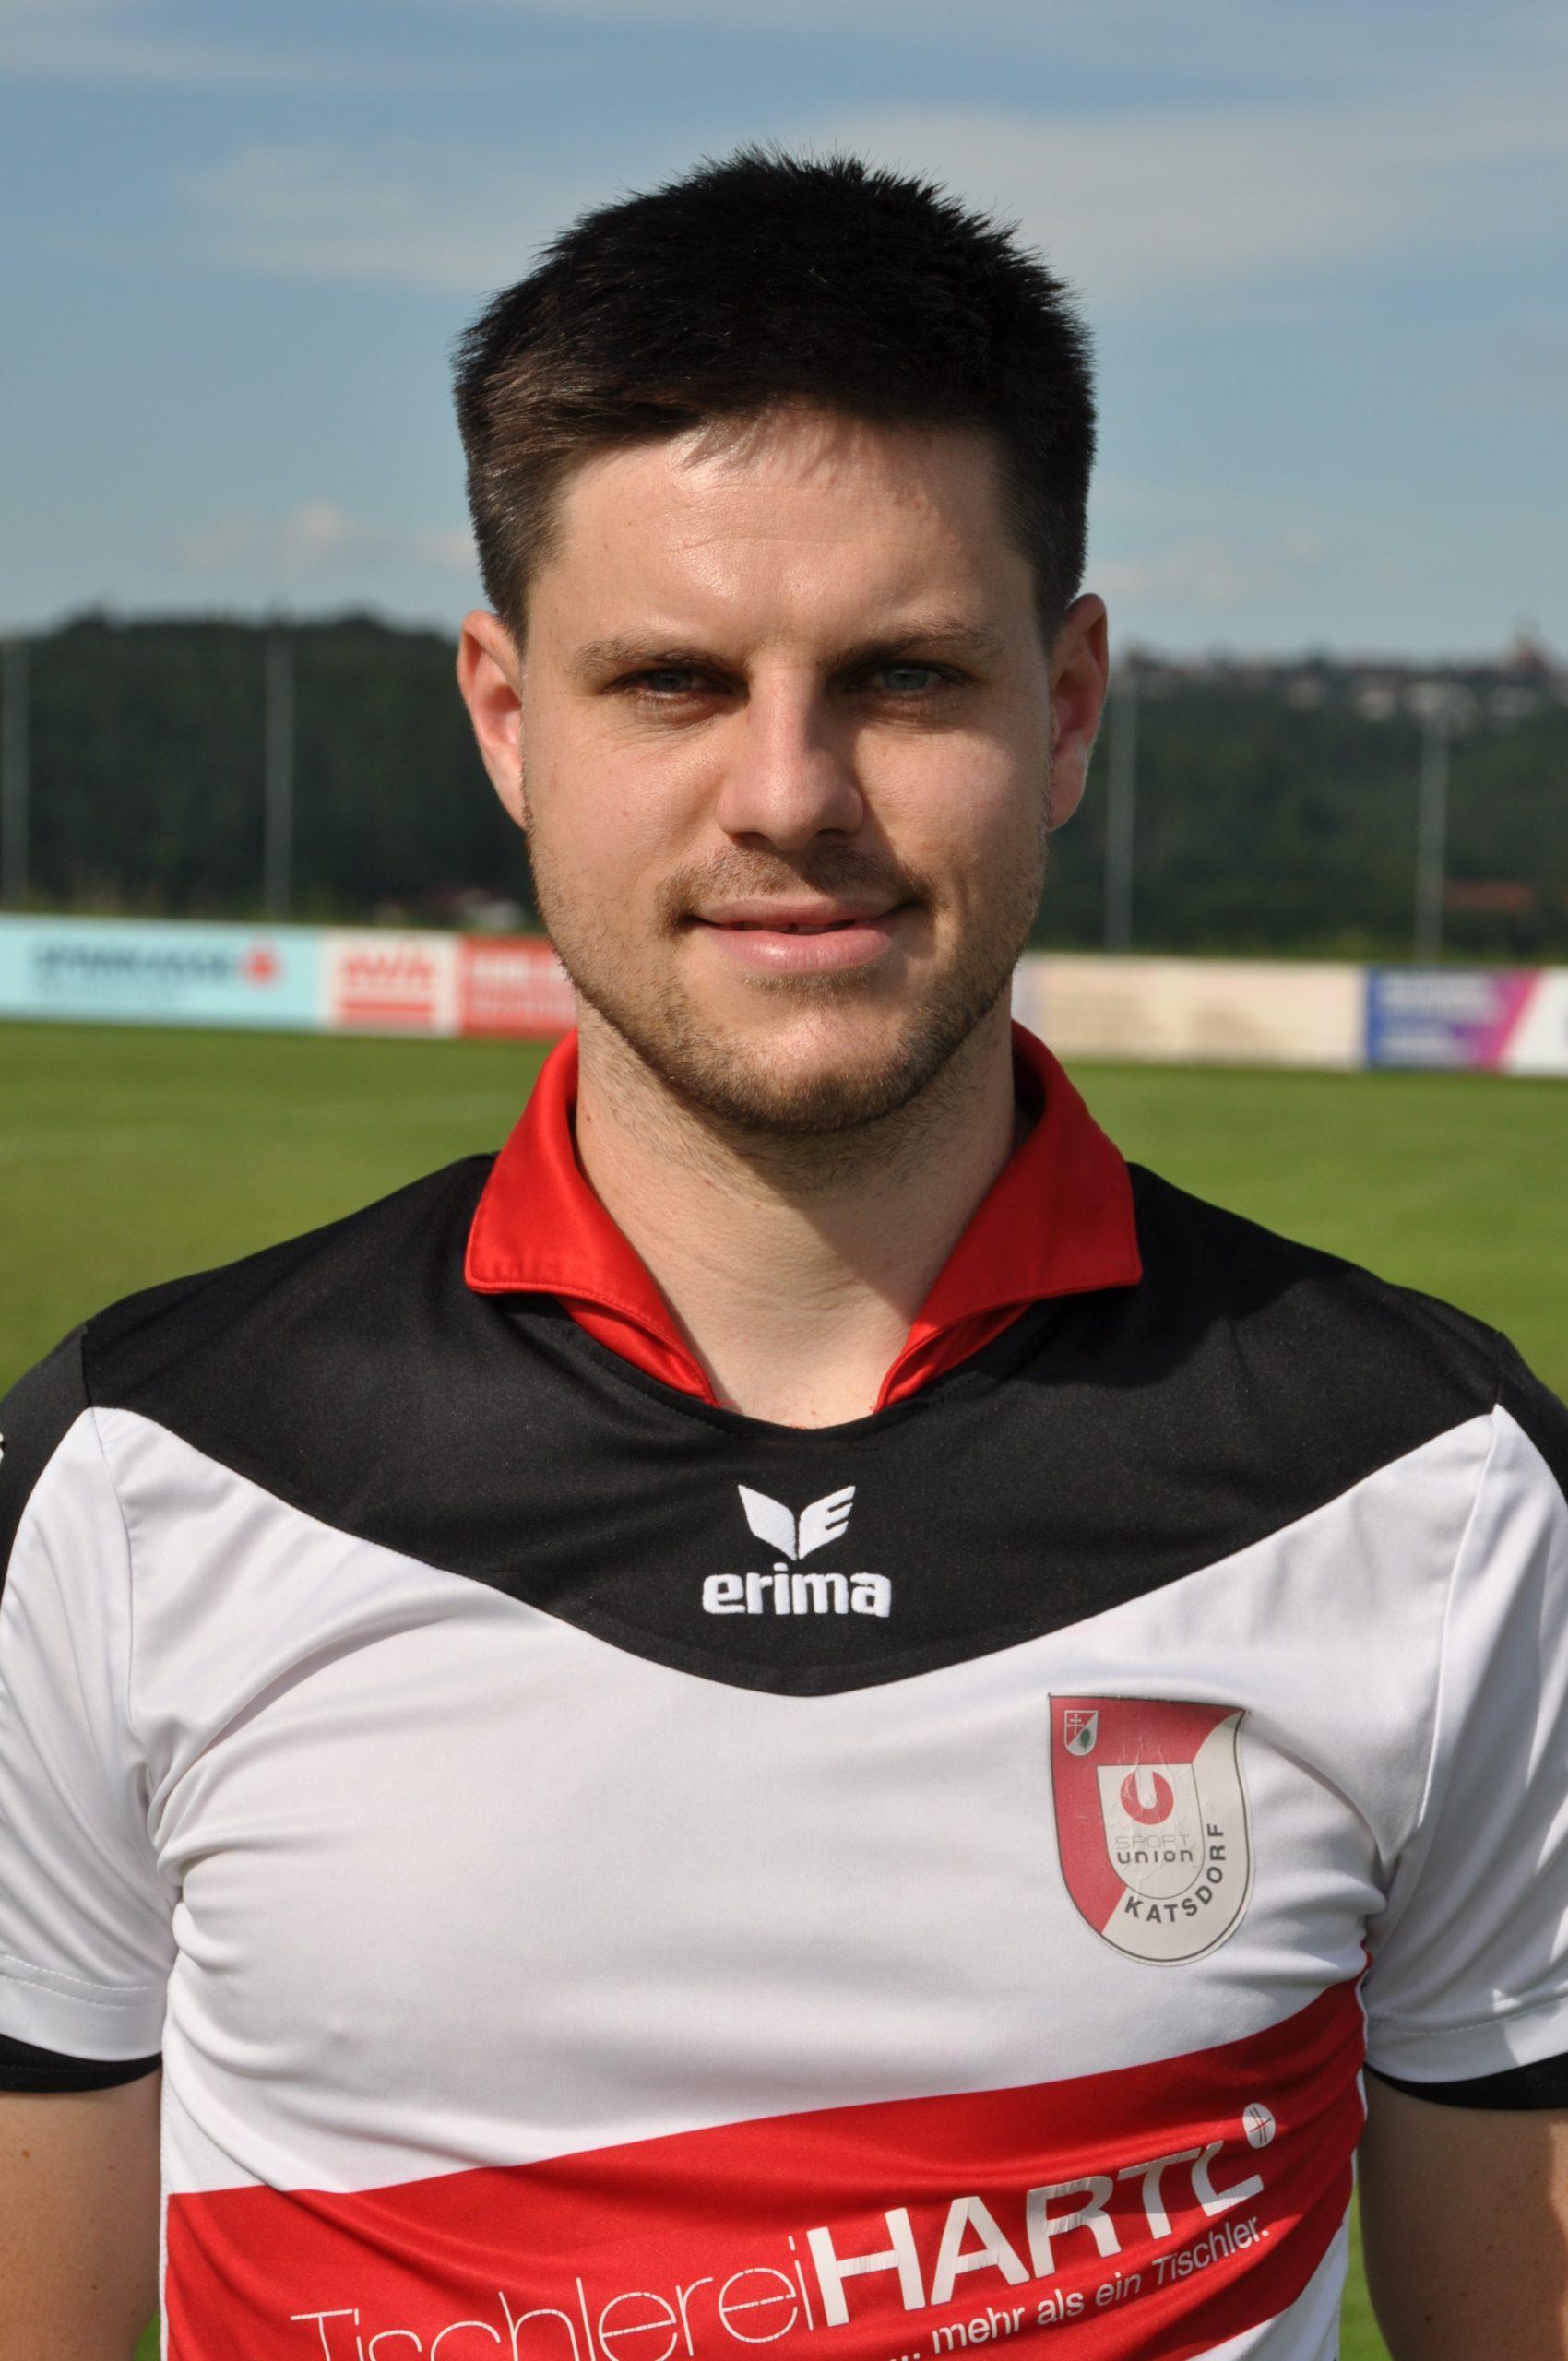 Union Katsdorf - David Dutzler (C)